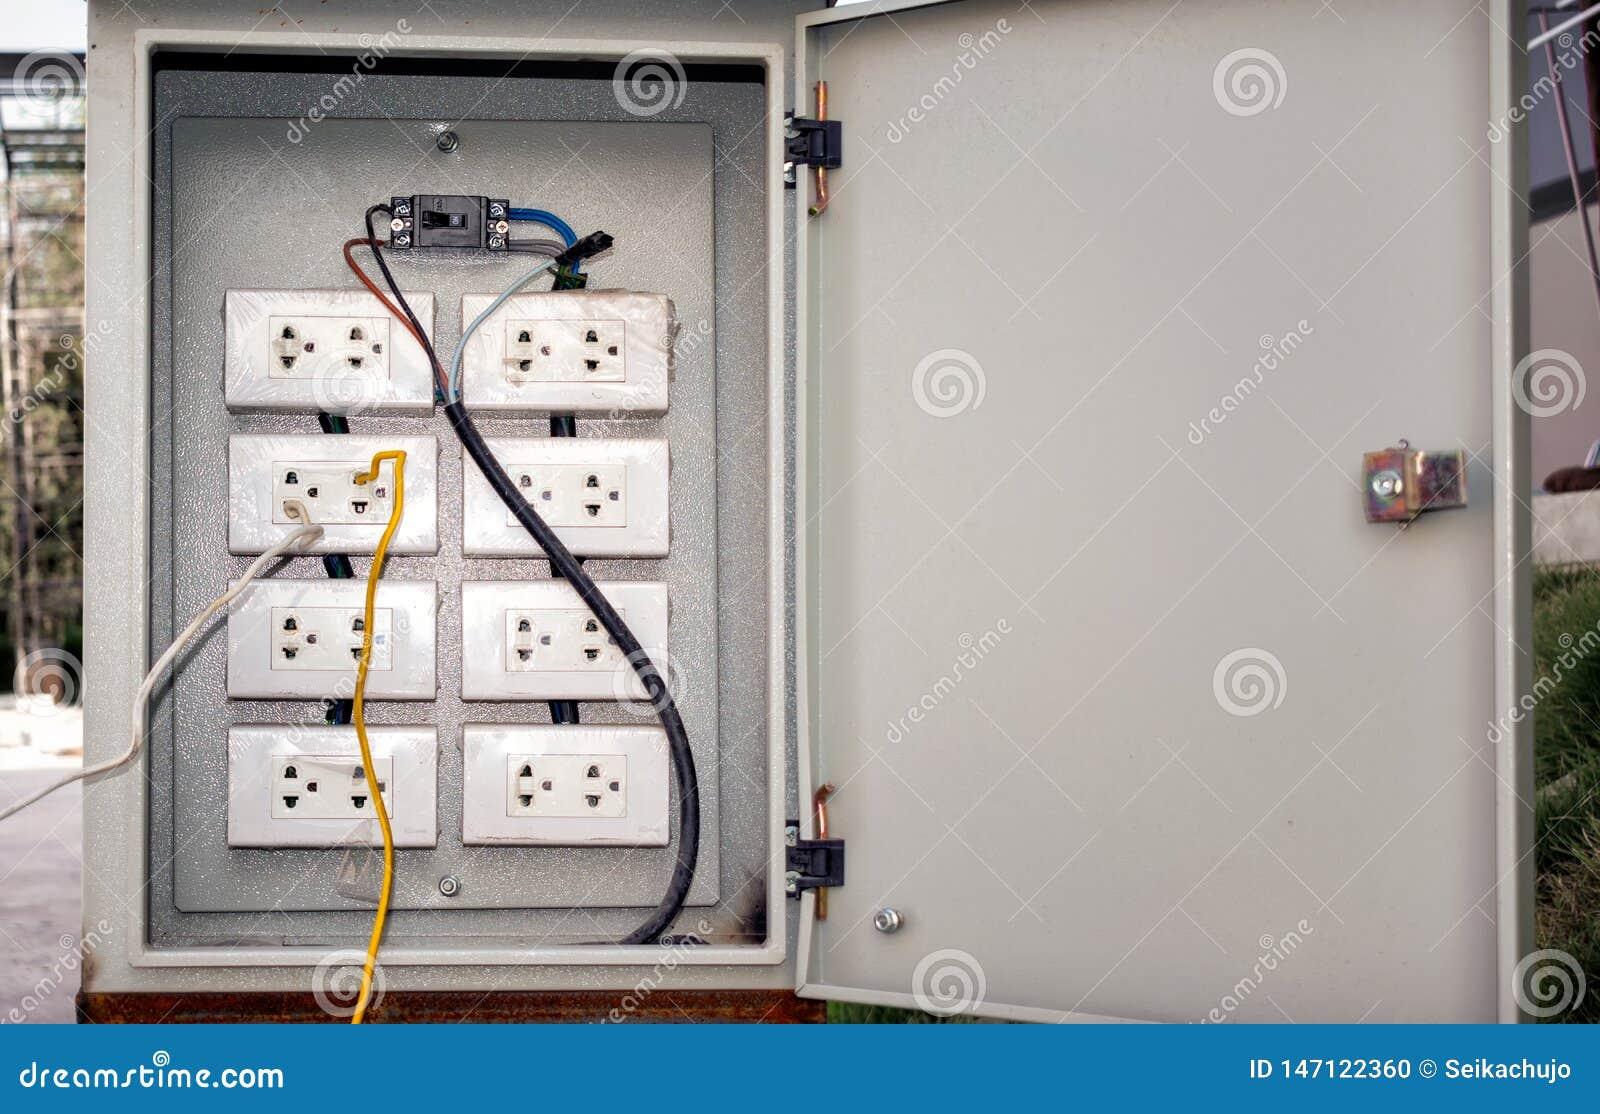 Dangerously Wired Electrical Sockets in a Breaker Box